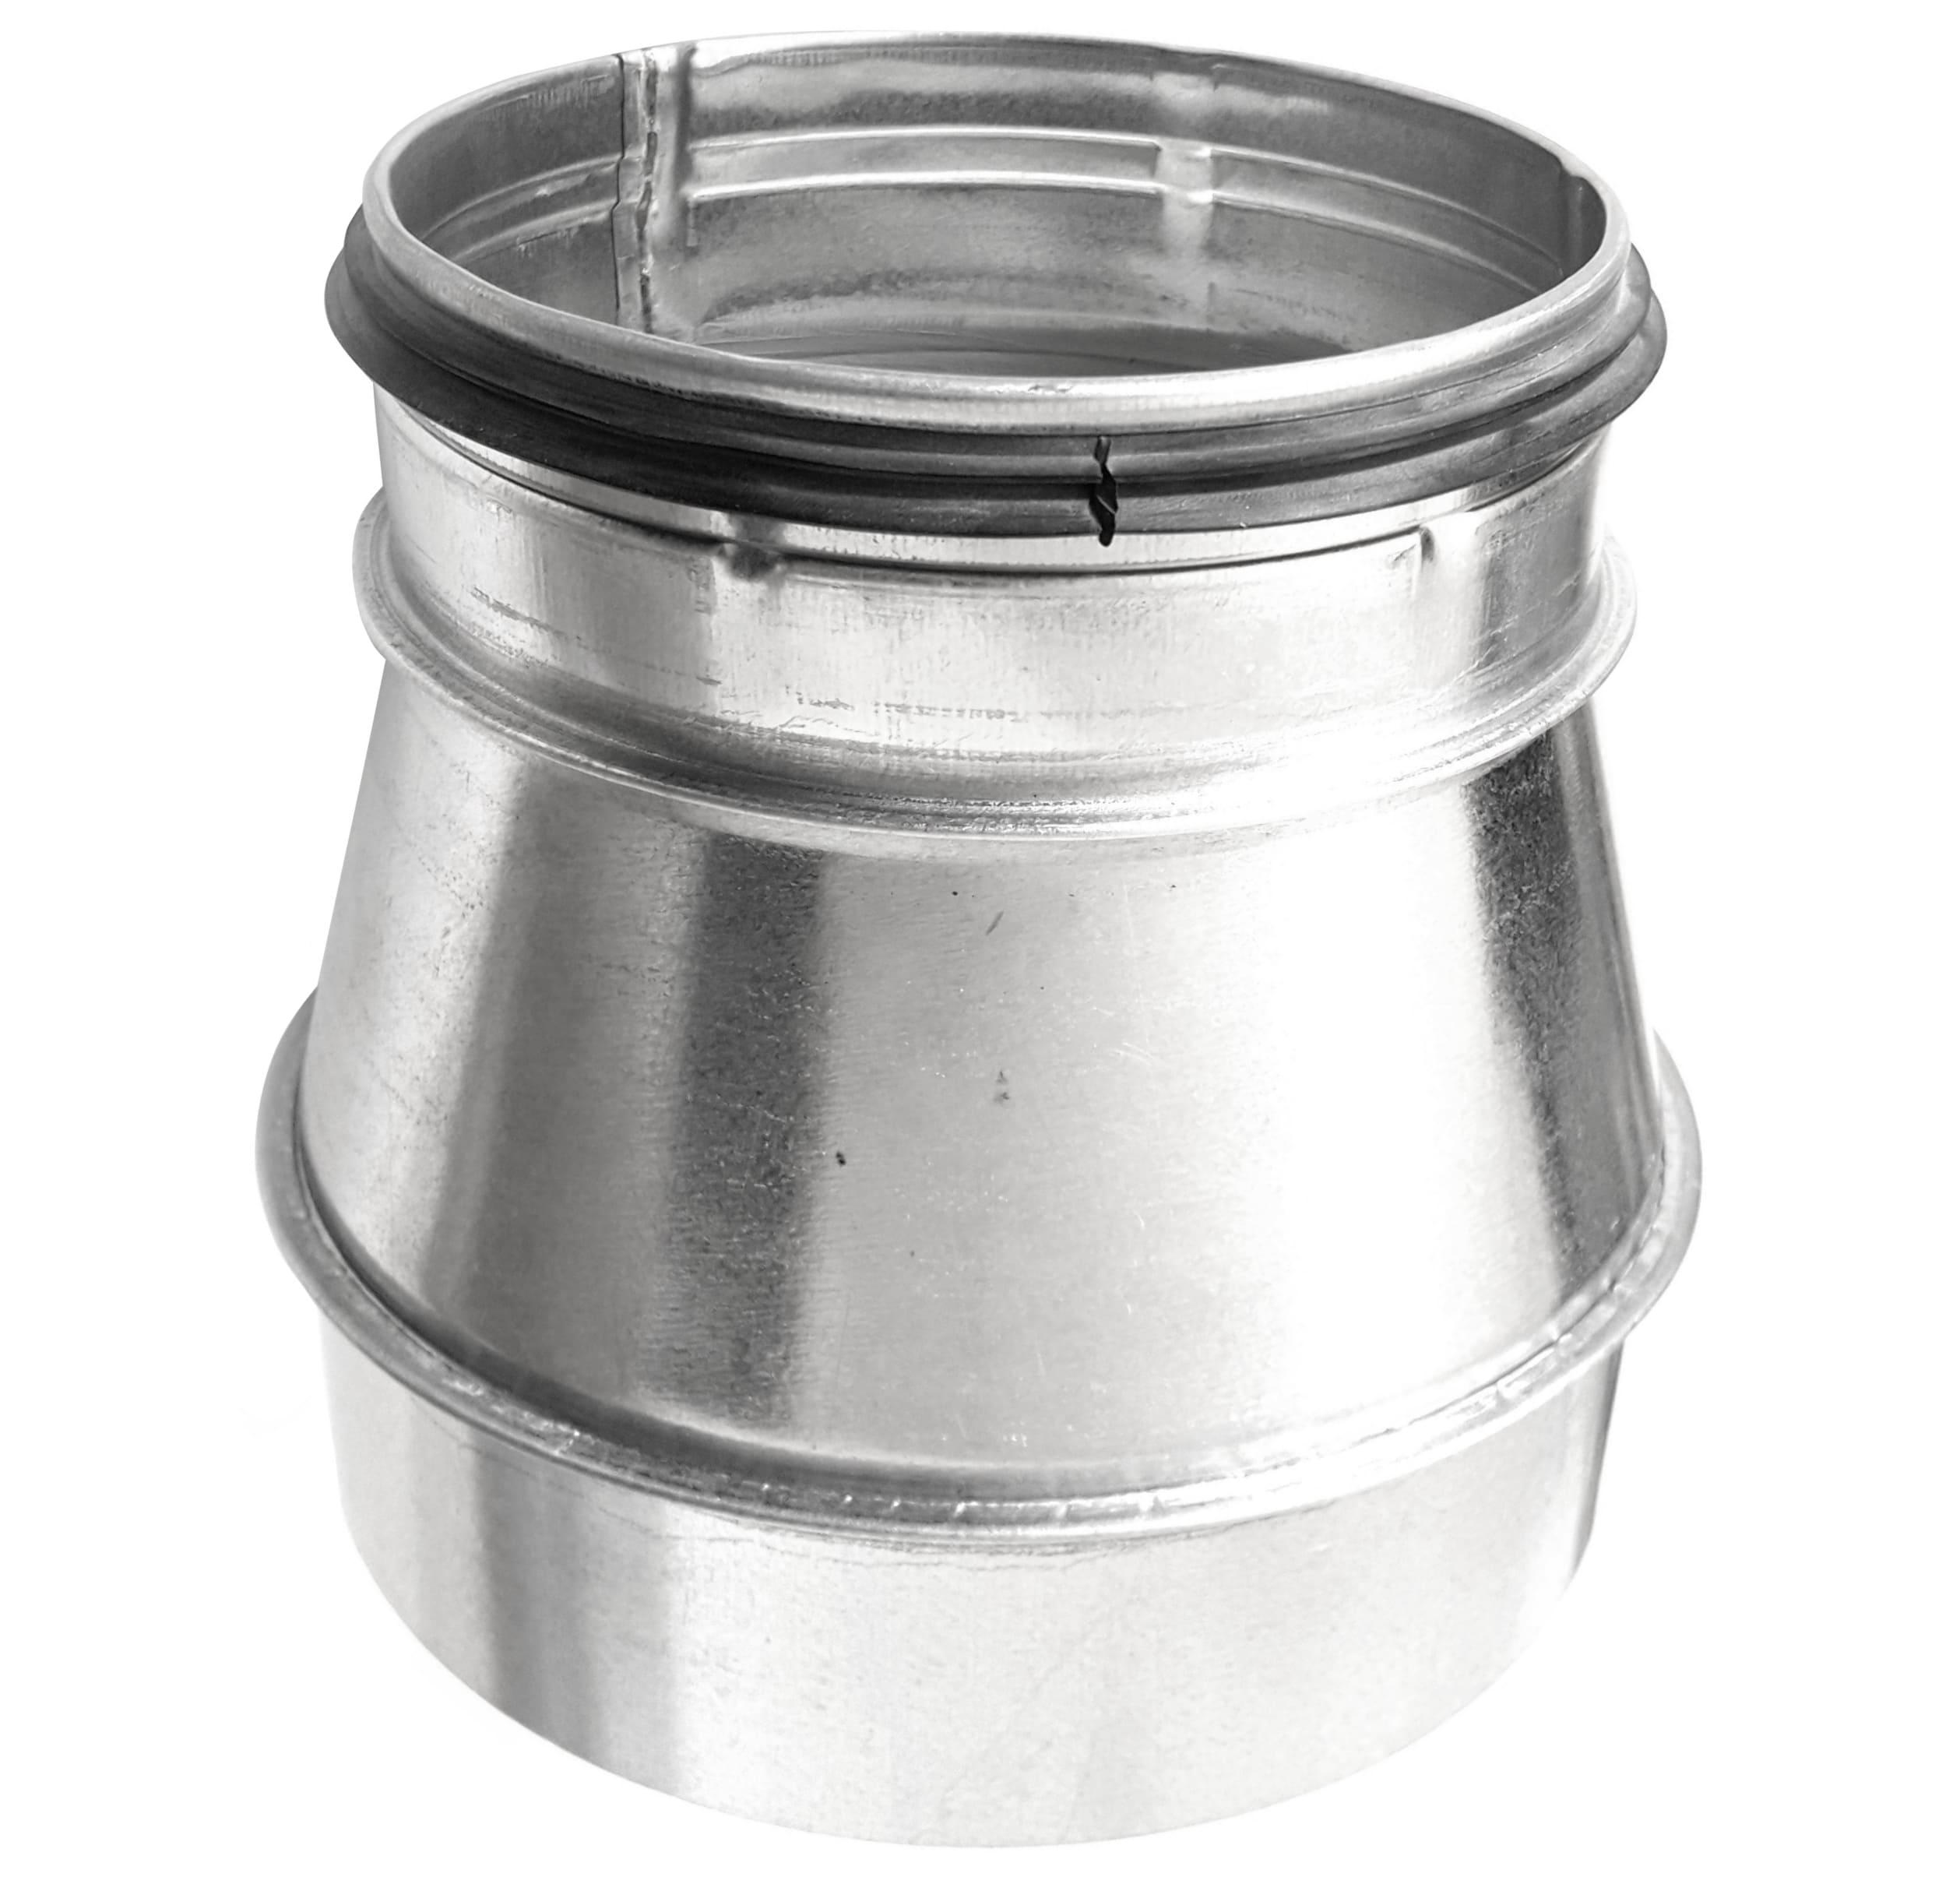 Reduzierung Muffe - Nippel für Formteile auf Wickelfalzrohr